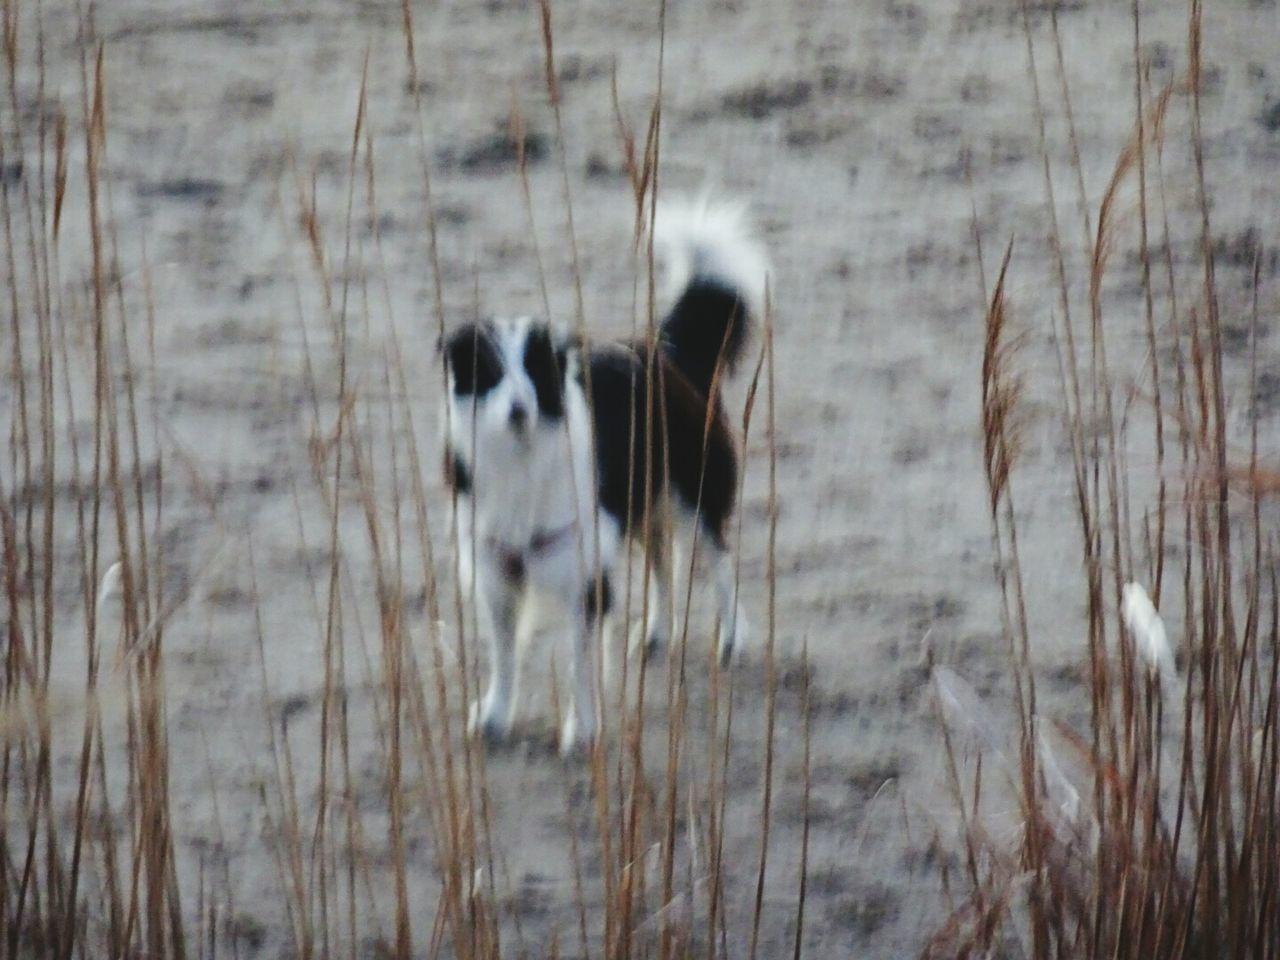 Dog On Beach Animal Themes